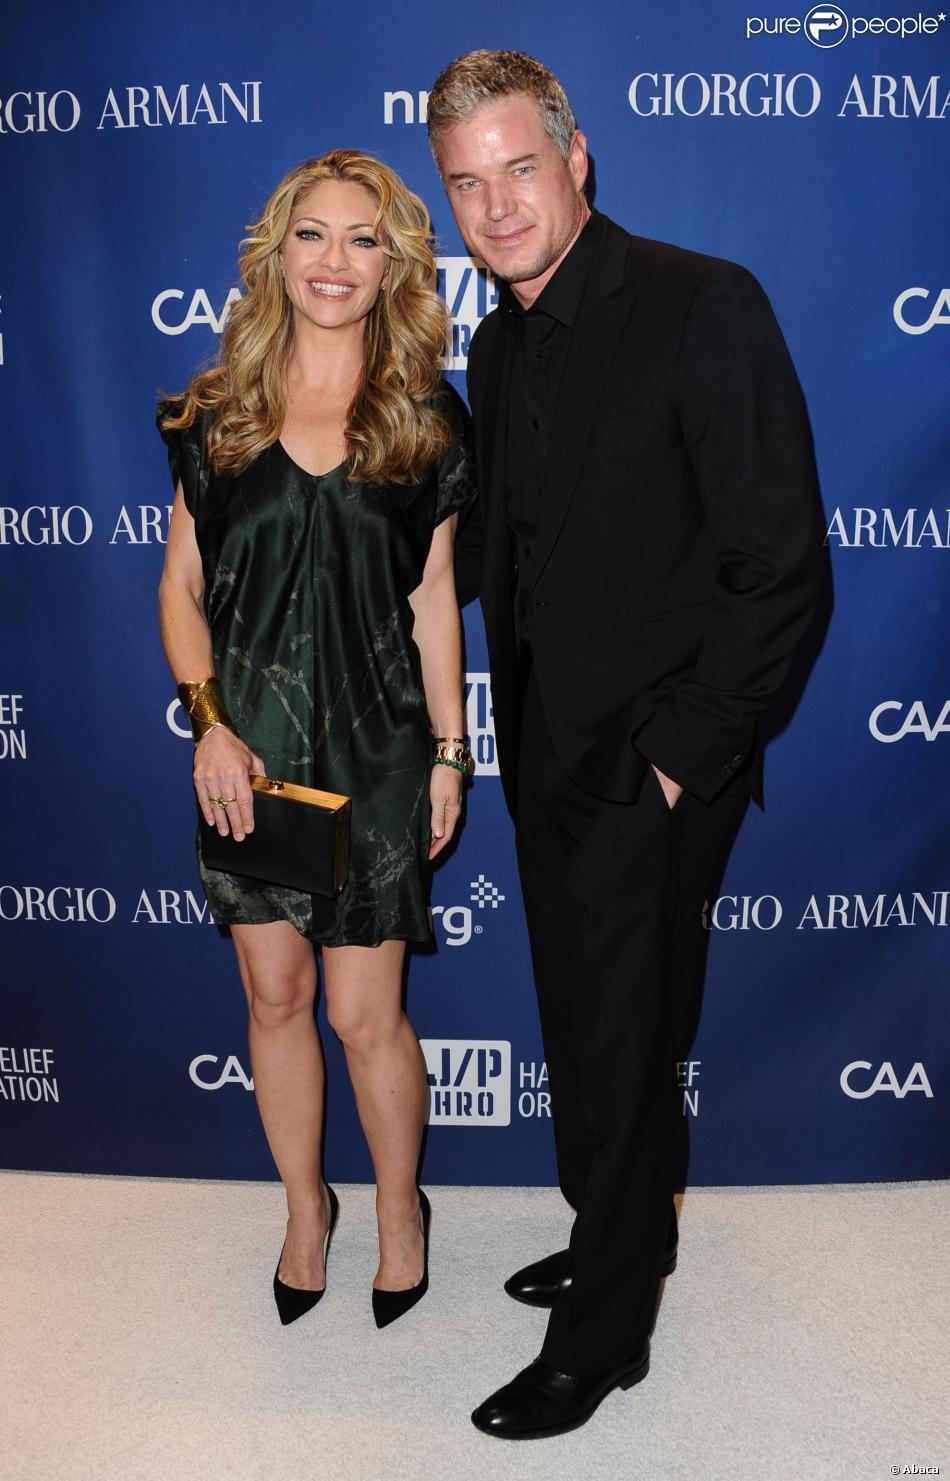 Rebecca Gayheart et Eric Dane lors du gala de charité organisé par ...